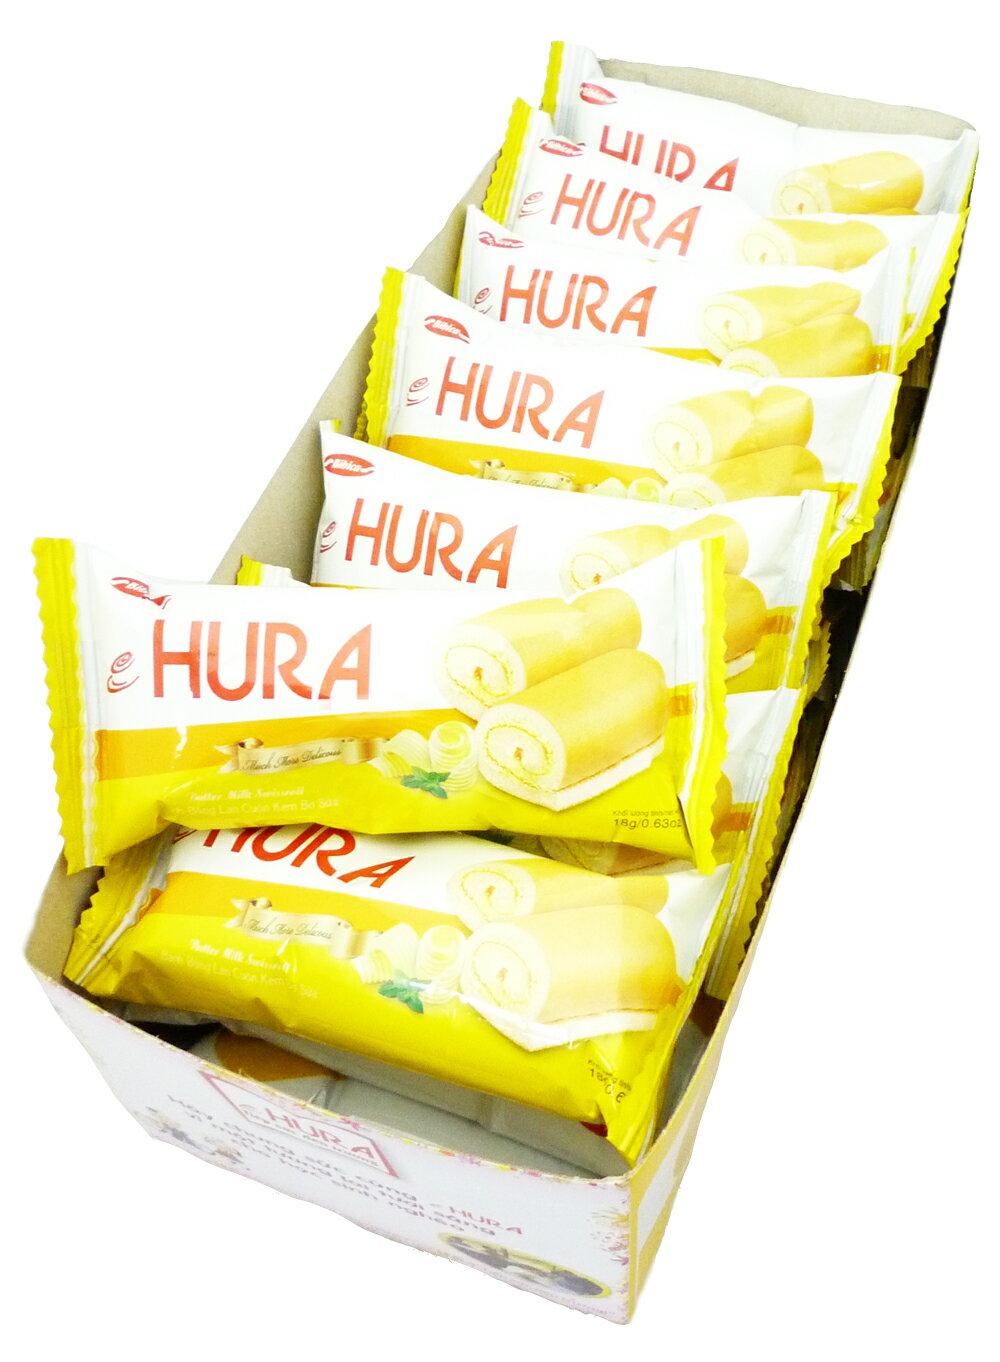 【草莓季、巧克力8折起】HURA 迷你瑞士捲(鮮奶油味) 360g整盒 (經常沒貨請先來信詢問)